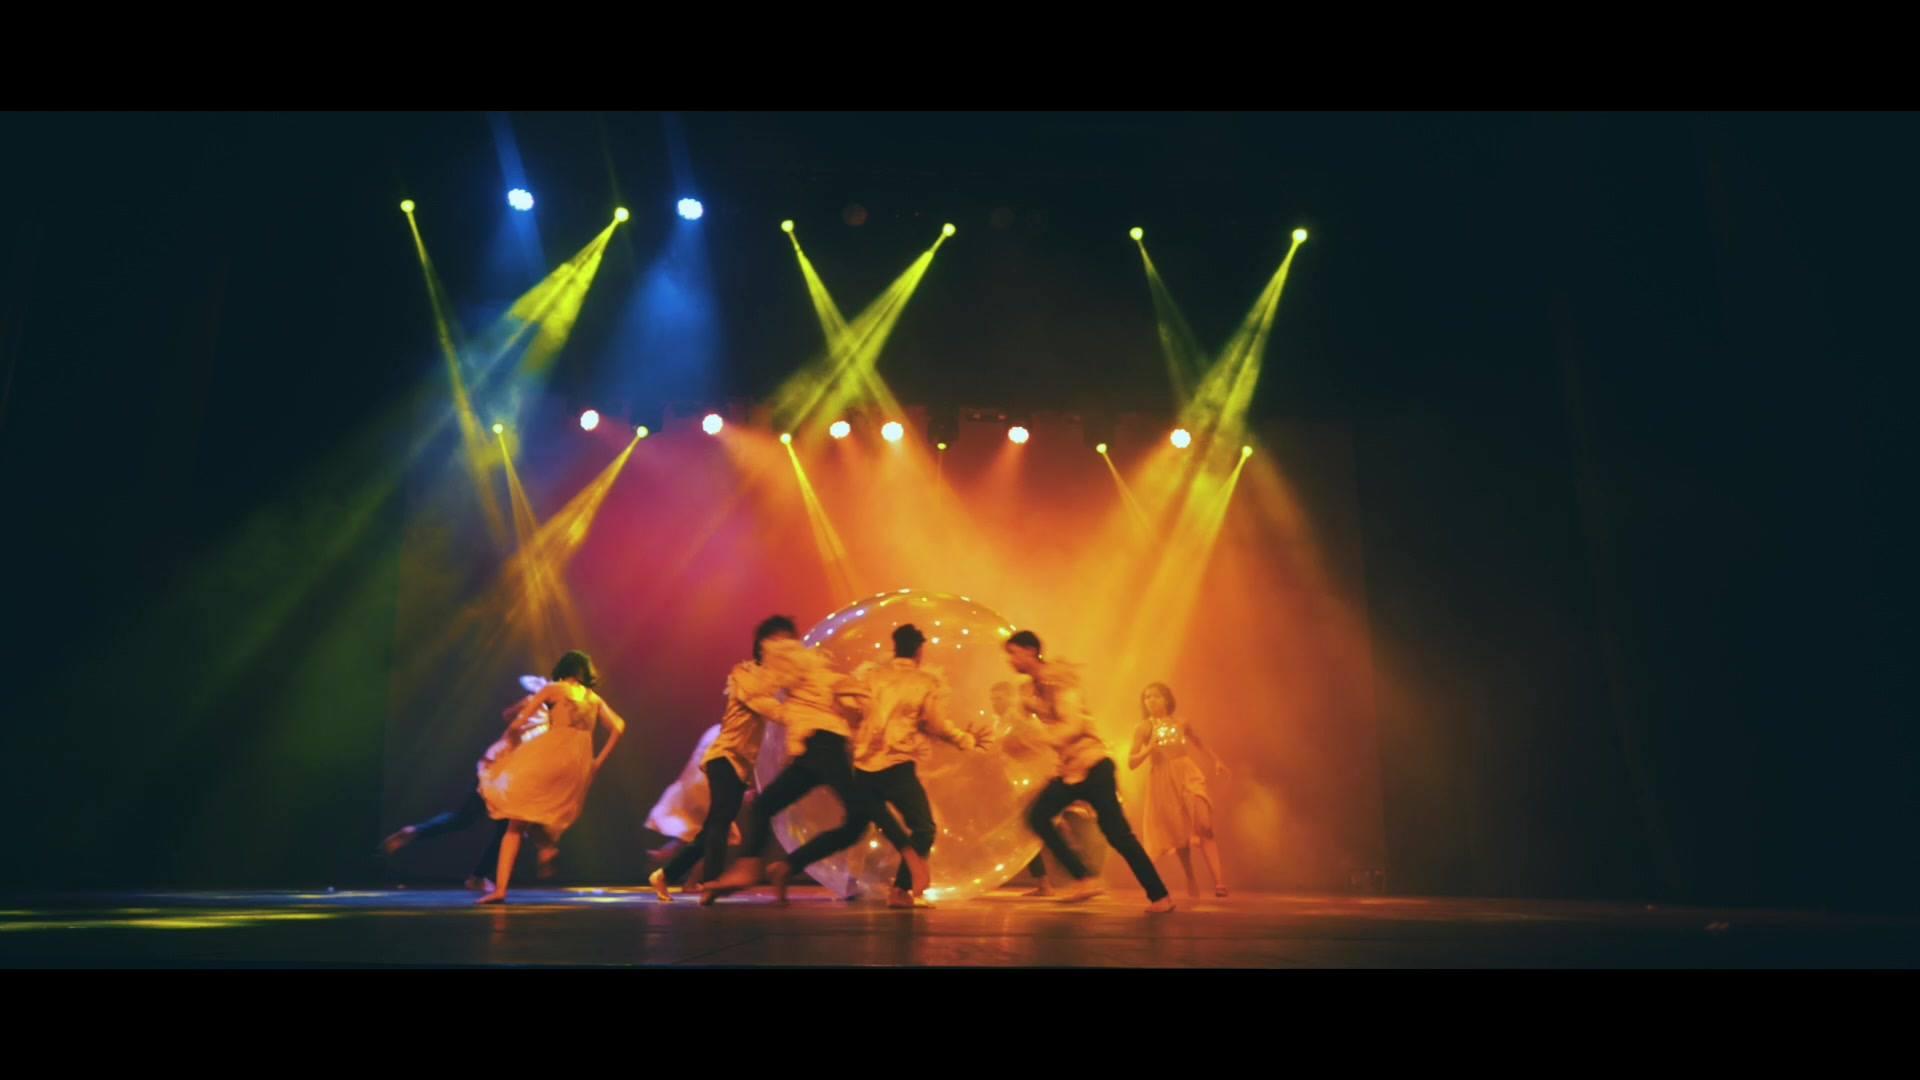 Apresentação Maravilhosa De Grupo De Dança, Vale A Pena Conferir!!!